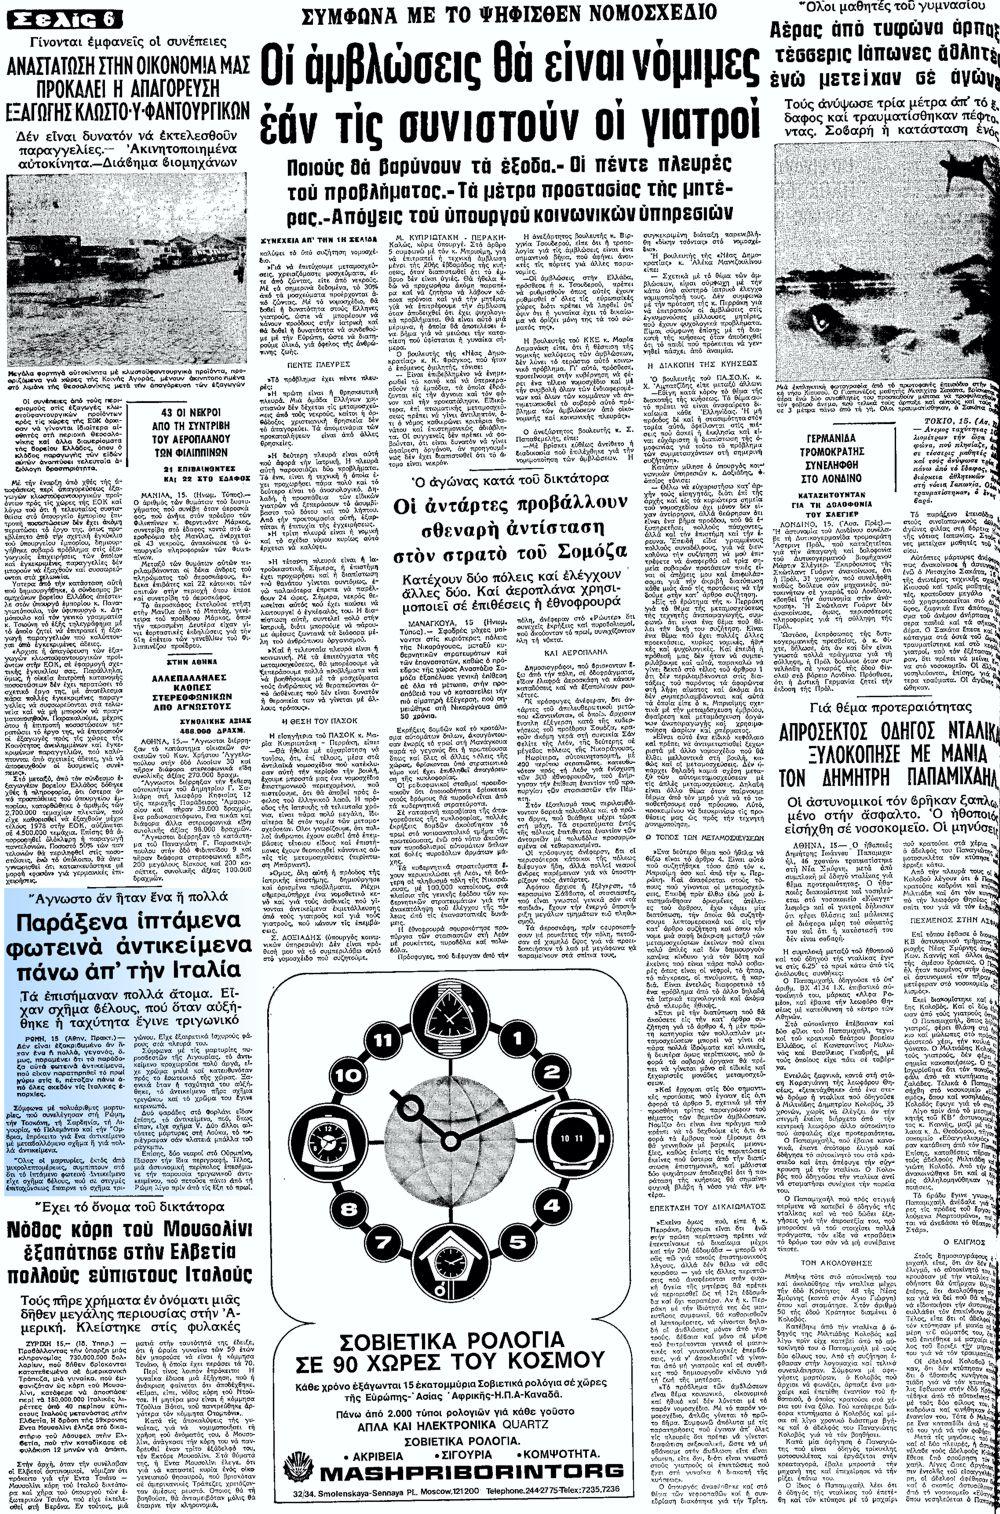 """Το άρθρο, όπως δημοσιεύθηκε στην εφημερίδα """"ΜΑΚΕΔΟΝΙΑ"""", στις 16/09/1978"""